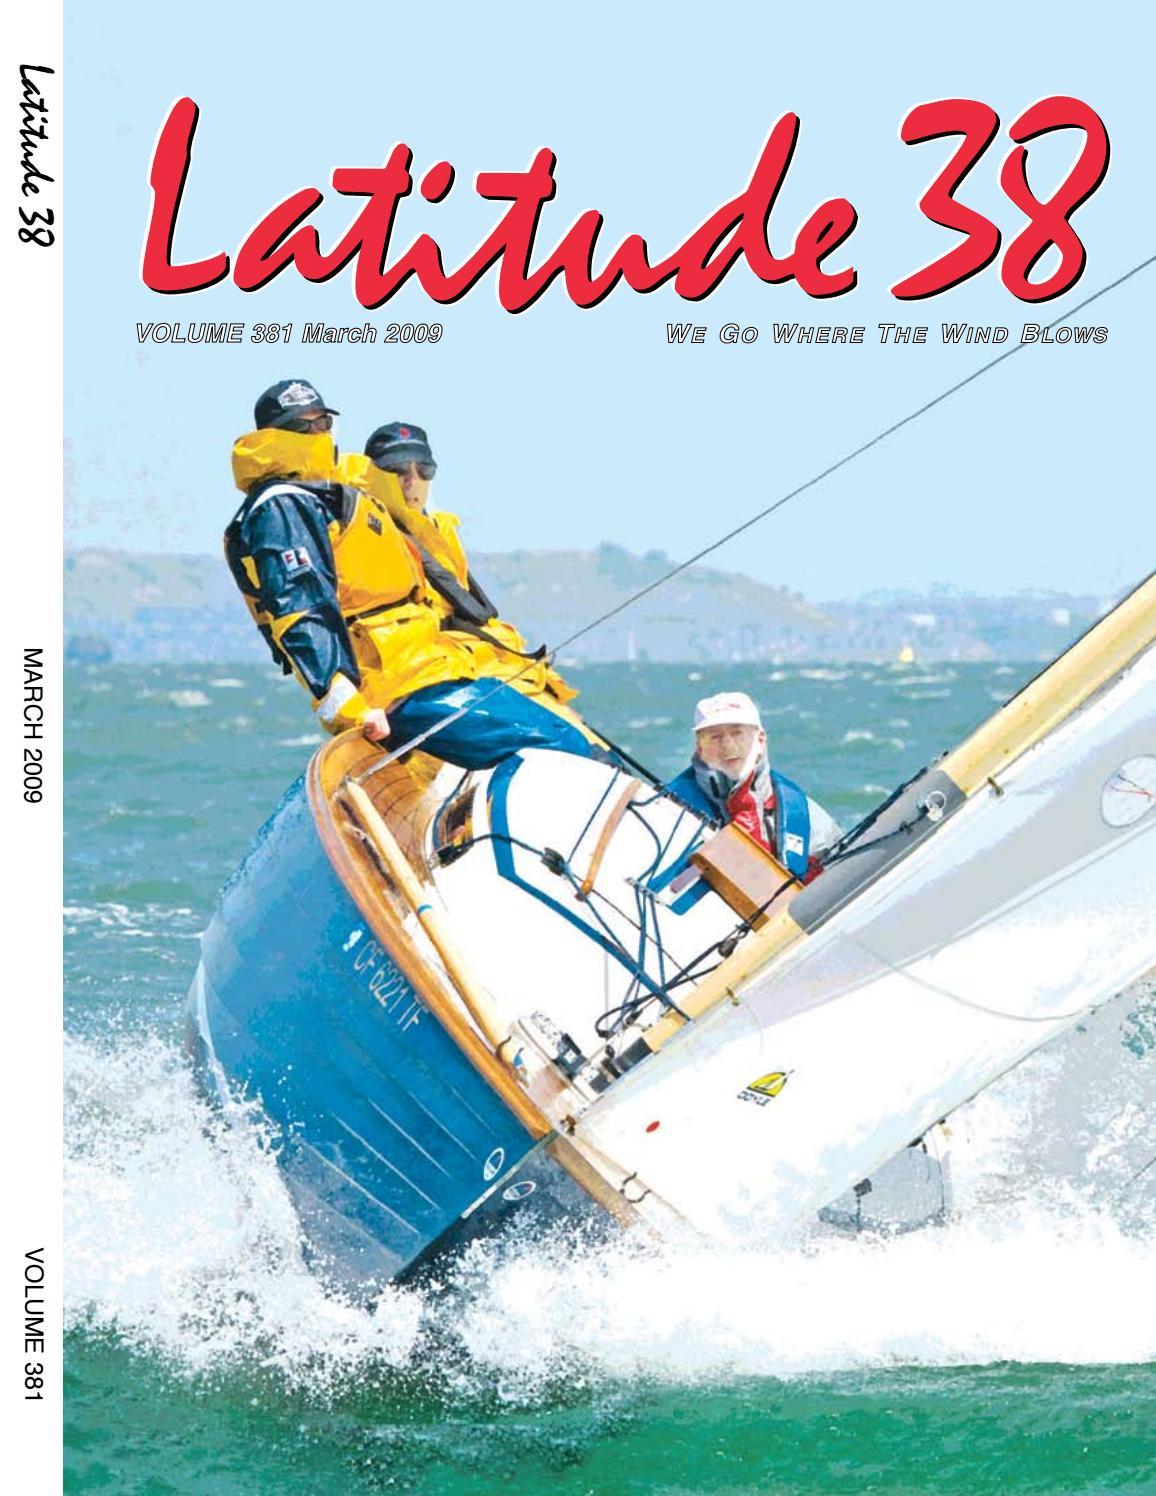 Latitude 38 March 2009 by Latitude 38 Media 6ea344ddb71